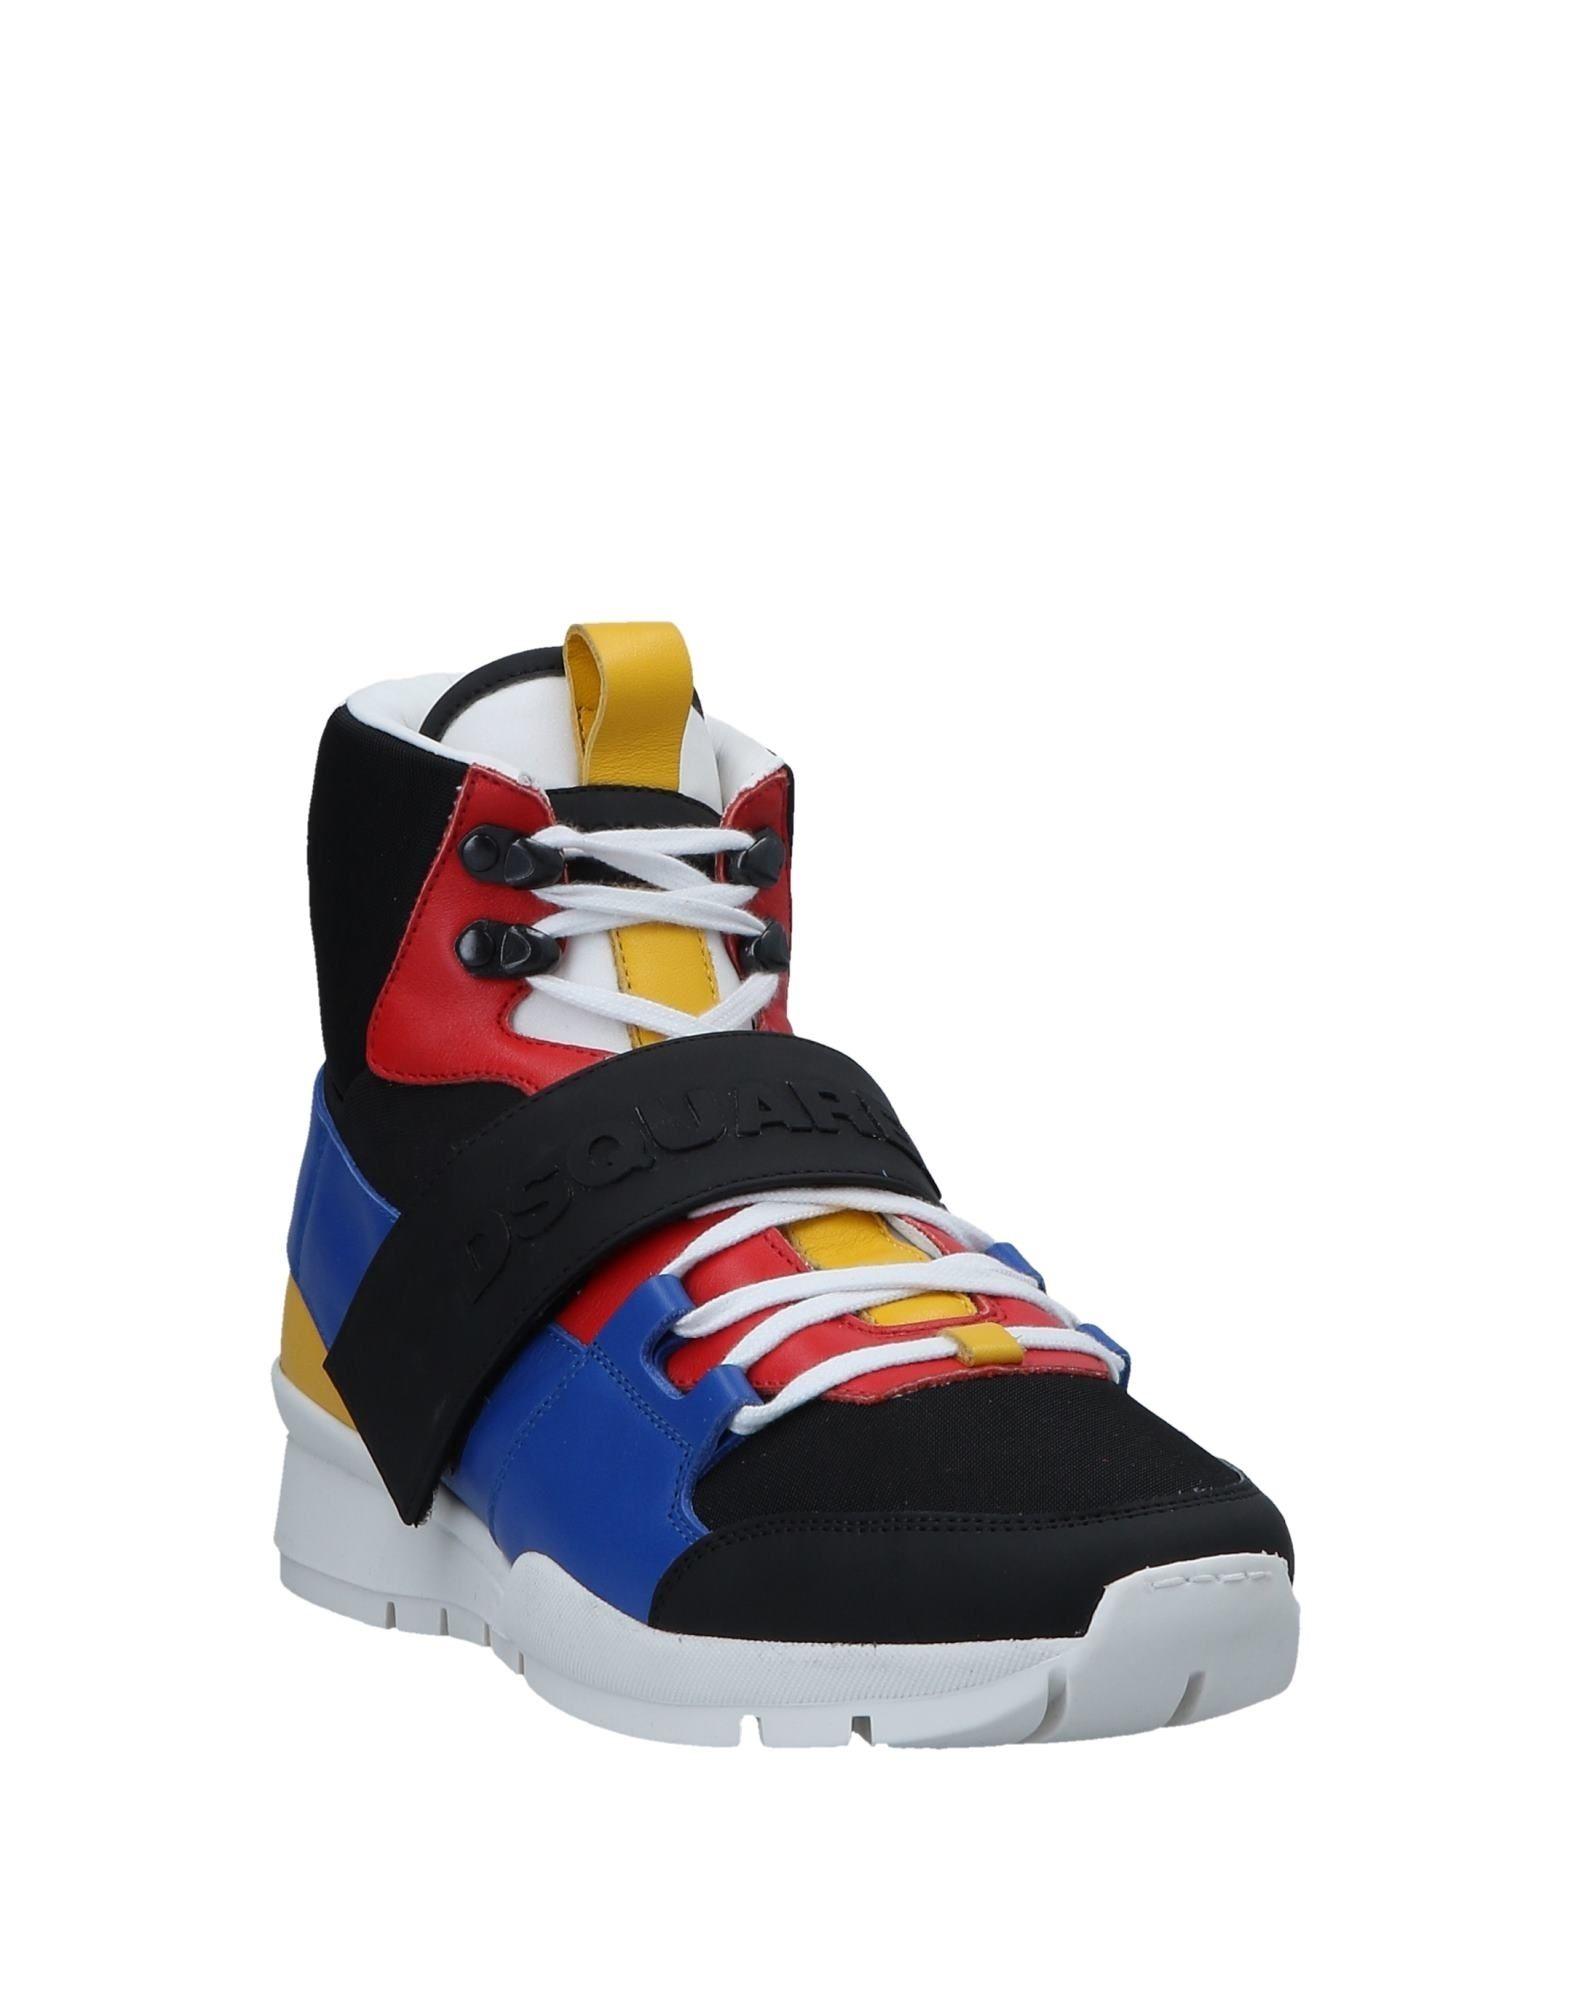 Dsquared2 Sneakers Herren  11554238SS Schuhe Gute Qualität beliebte Schuhe 11554238SS 022507